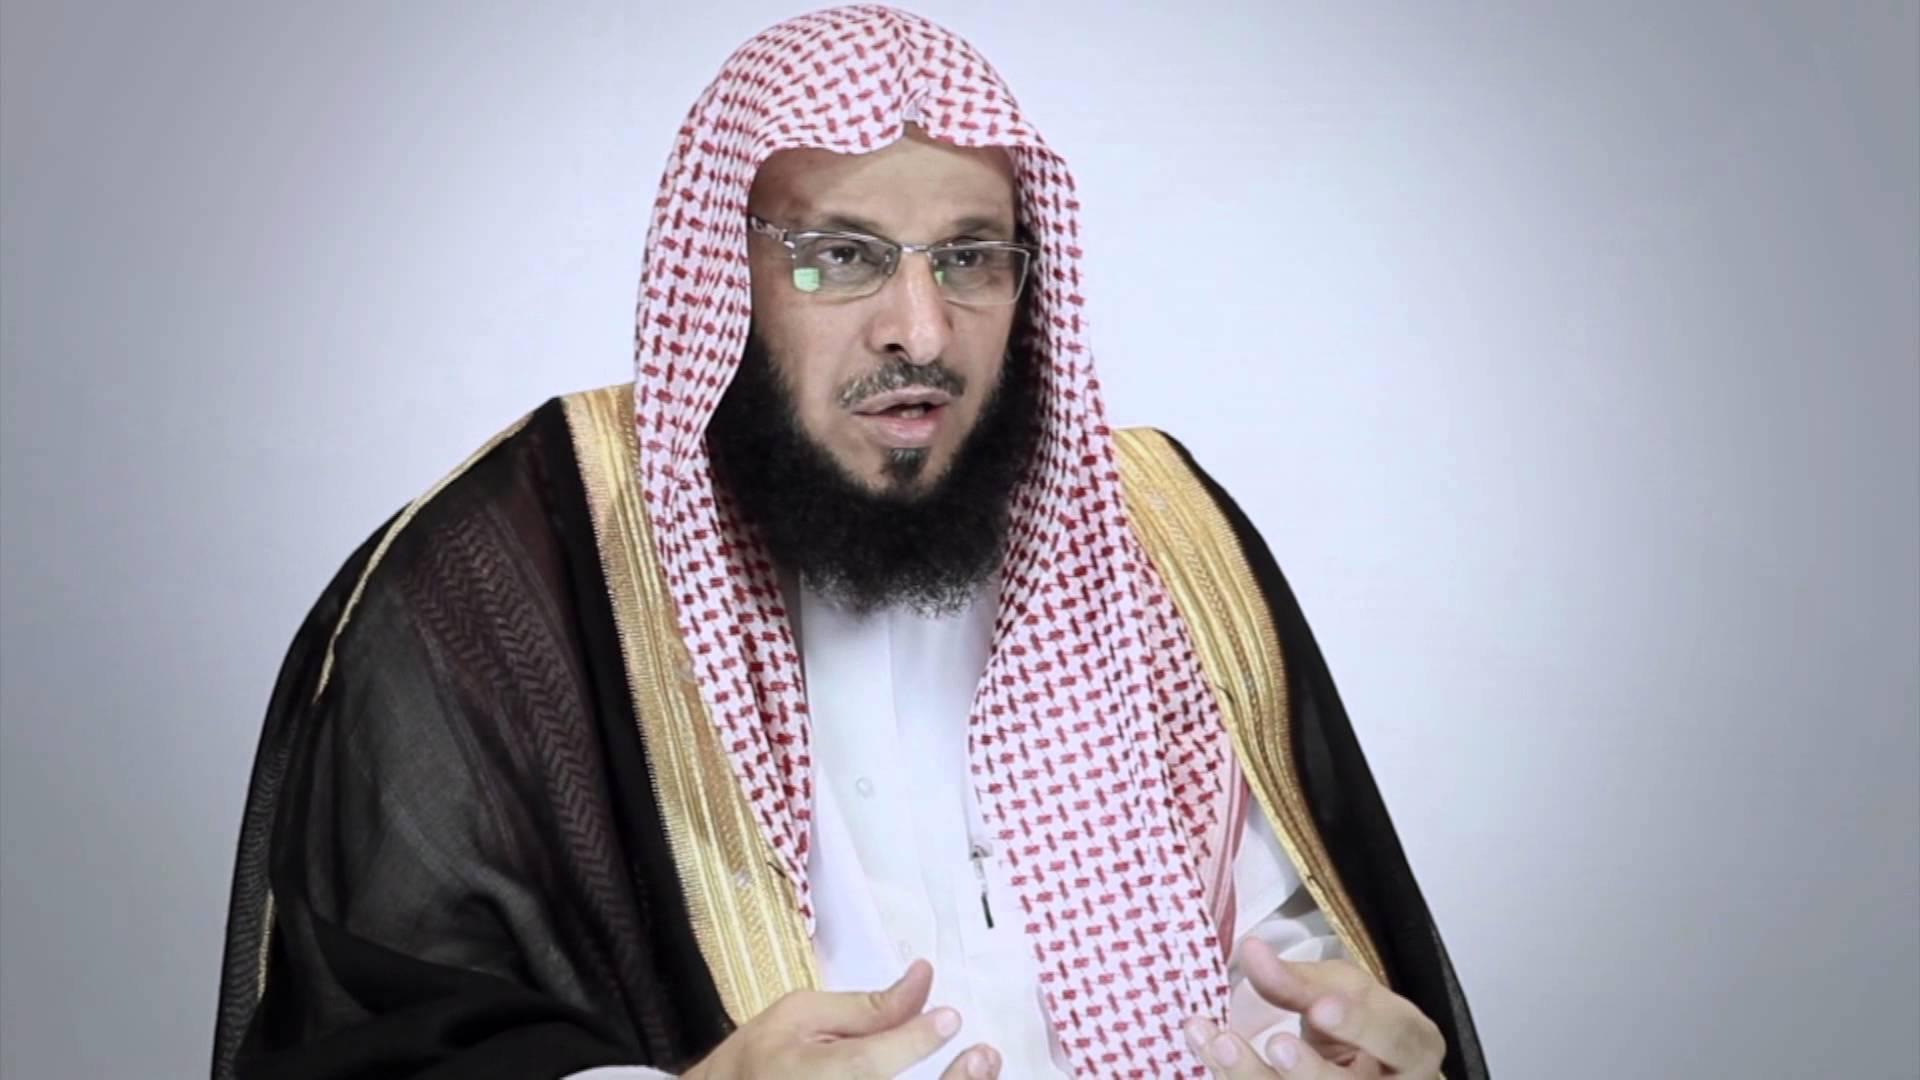 تصویر جایز دانستن رقص در مساجد توسط مفتی سعودی